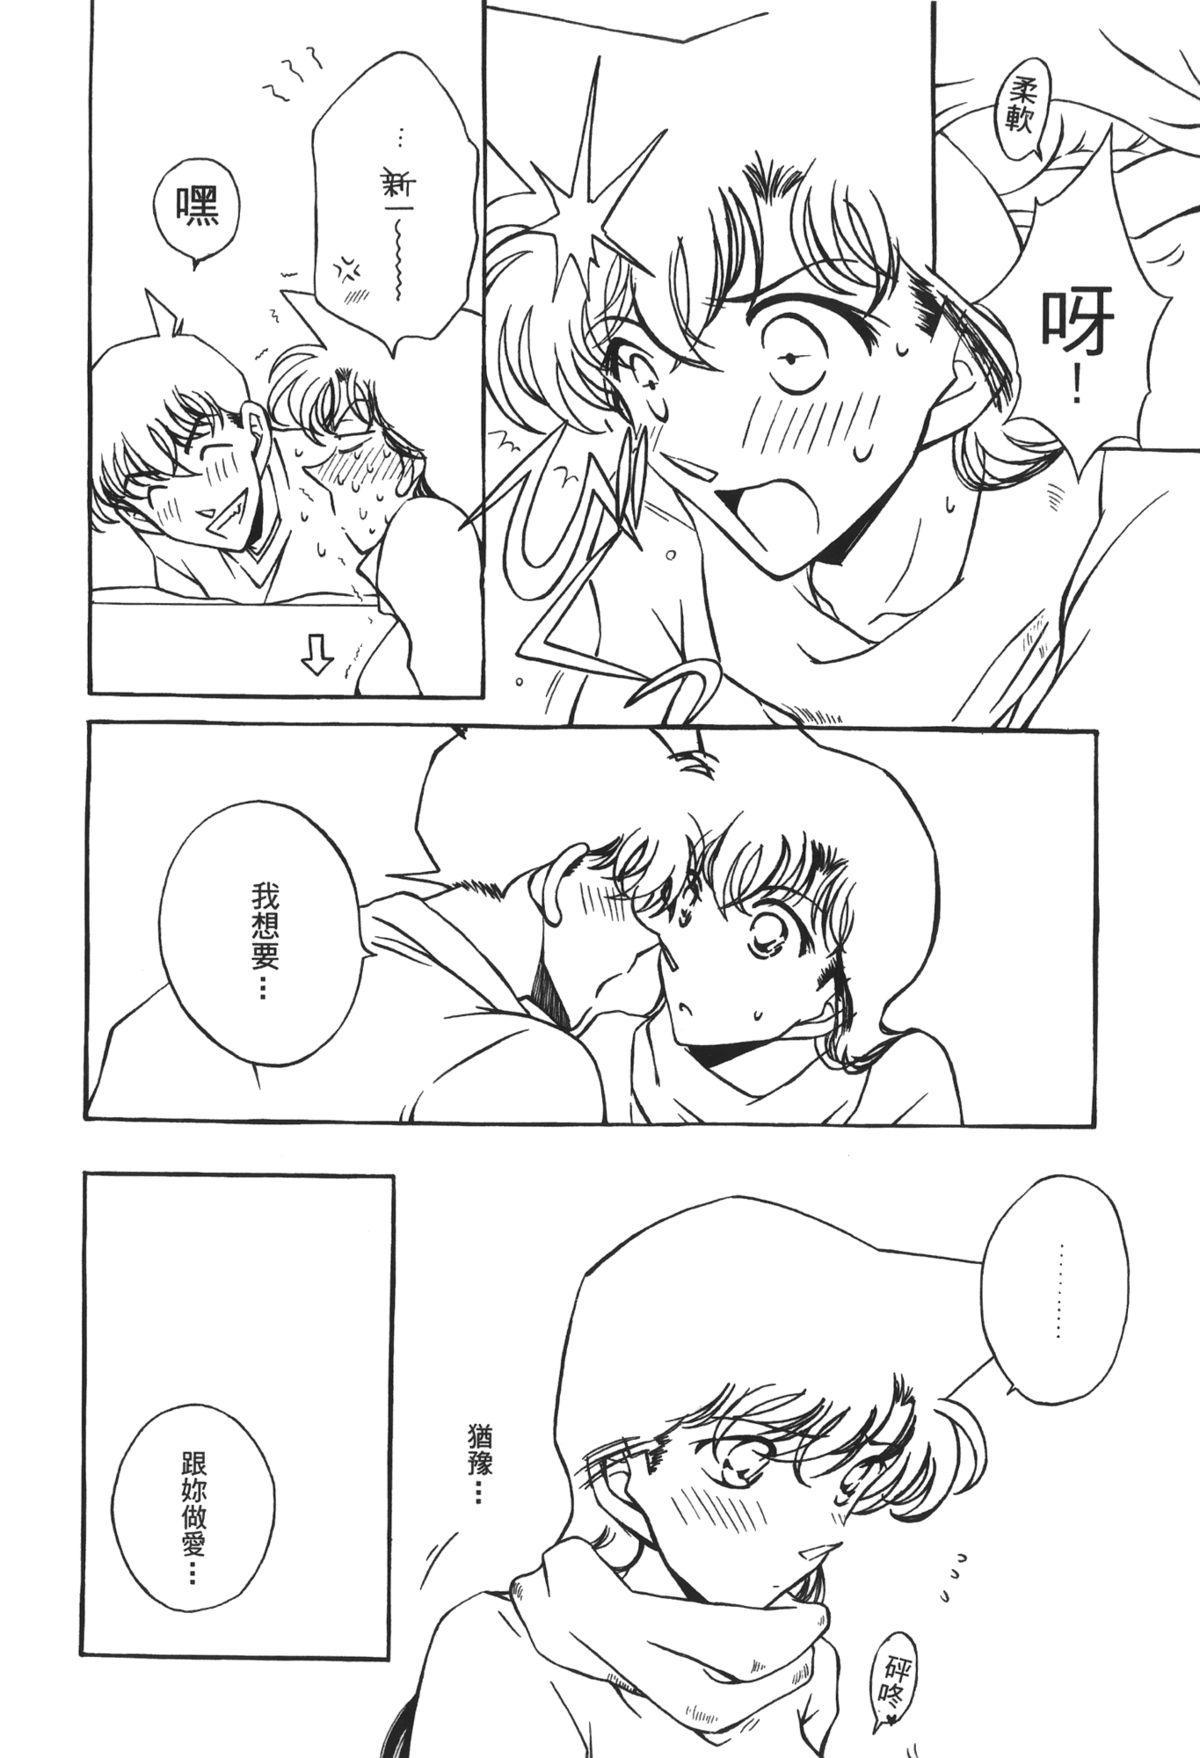 Detective Assistant Vol. 13 94